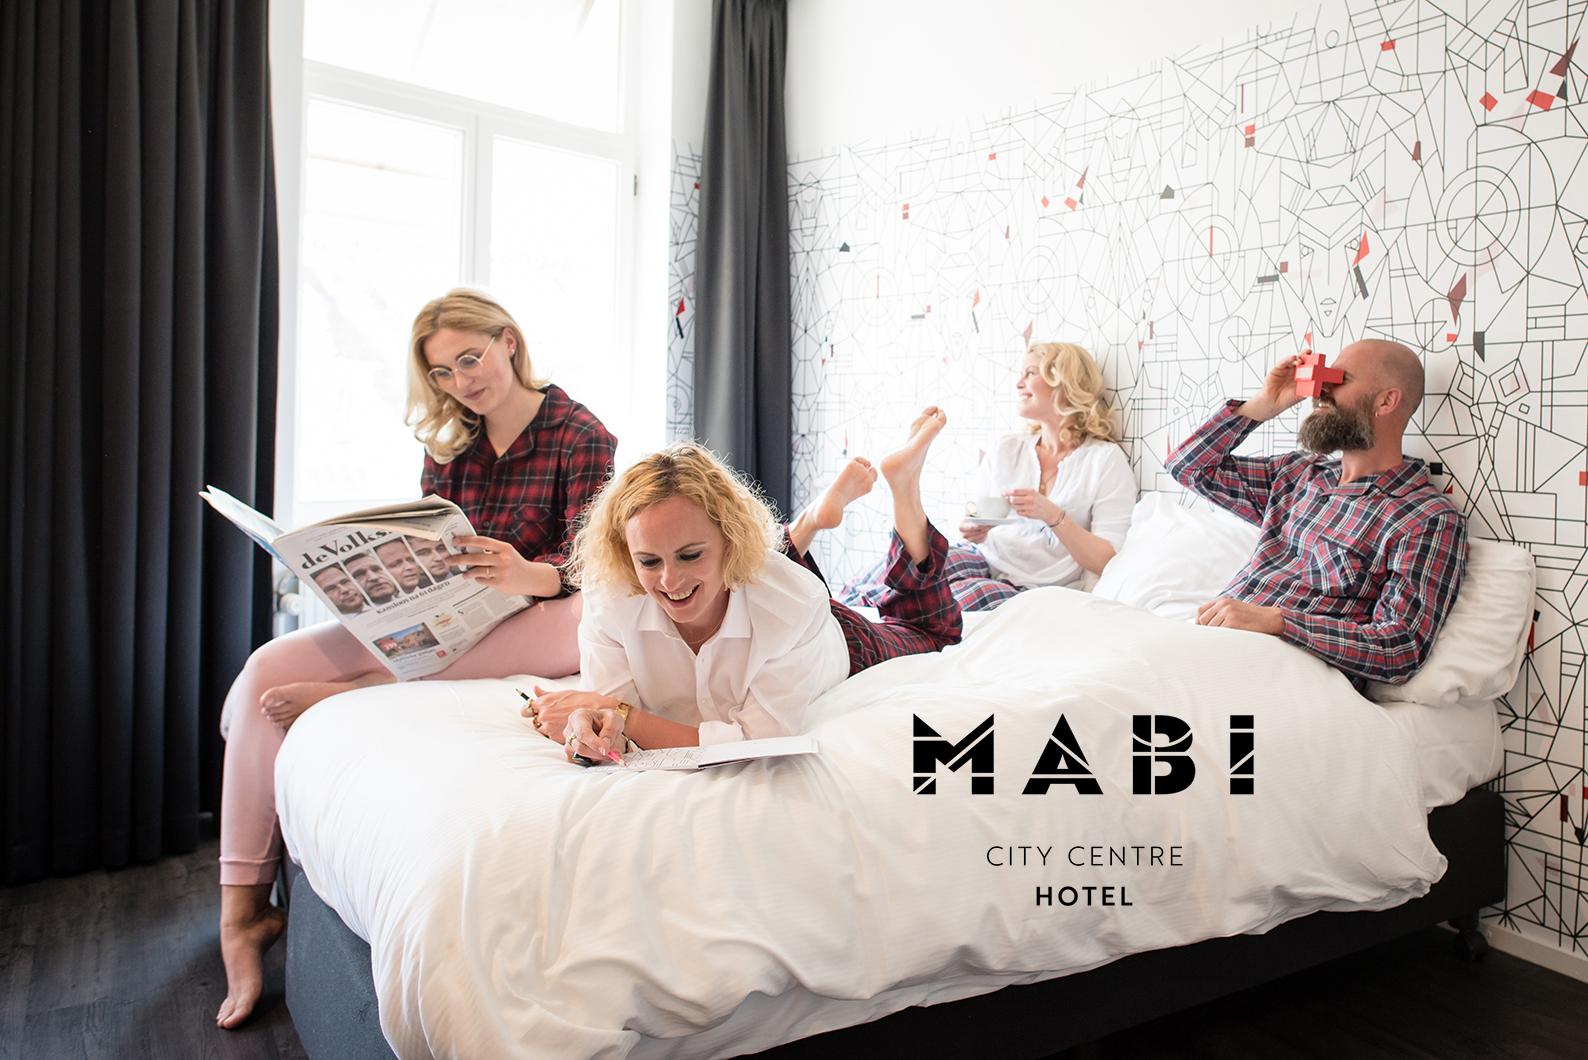 Hotel Mabi